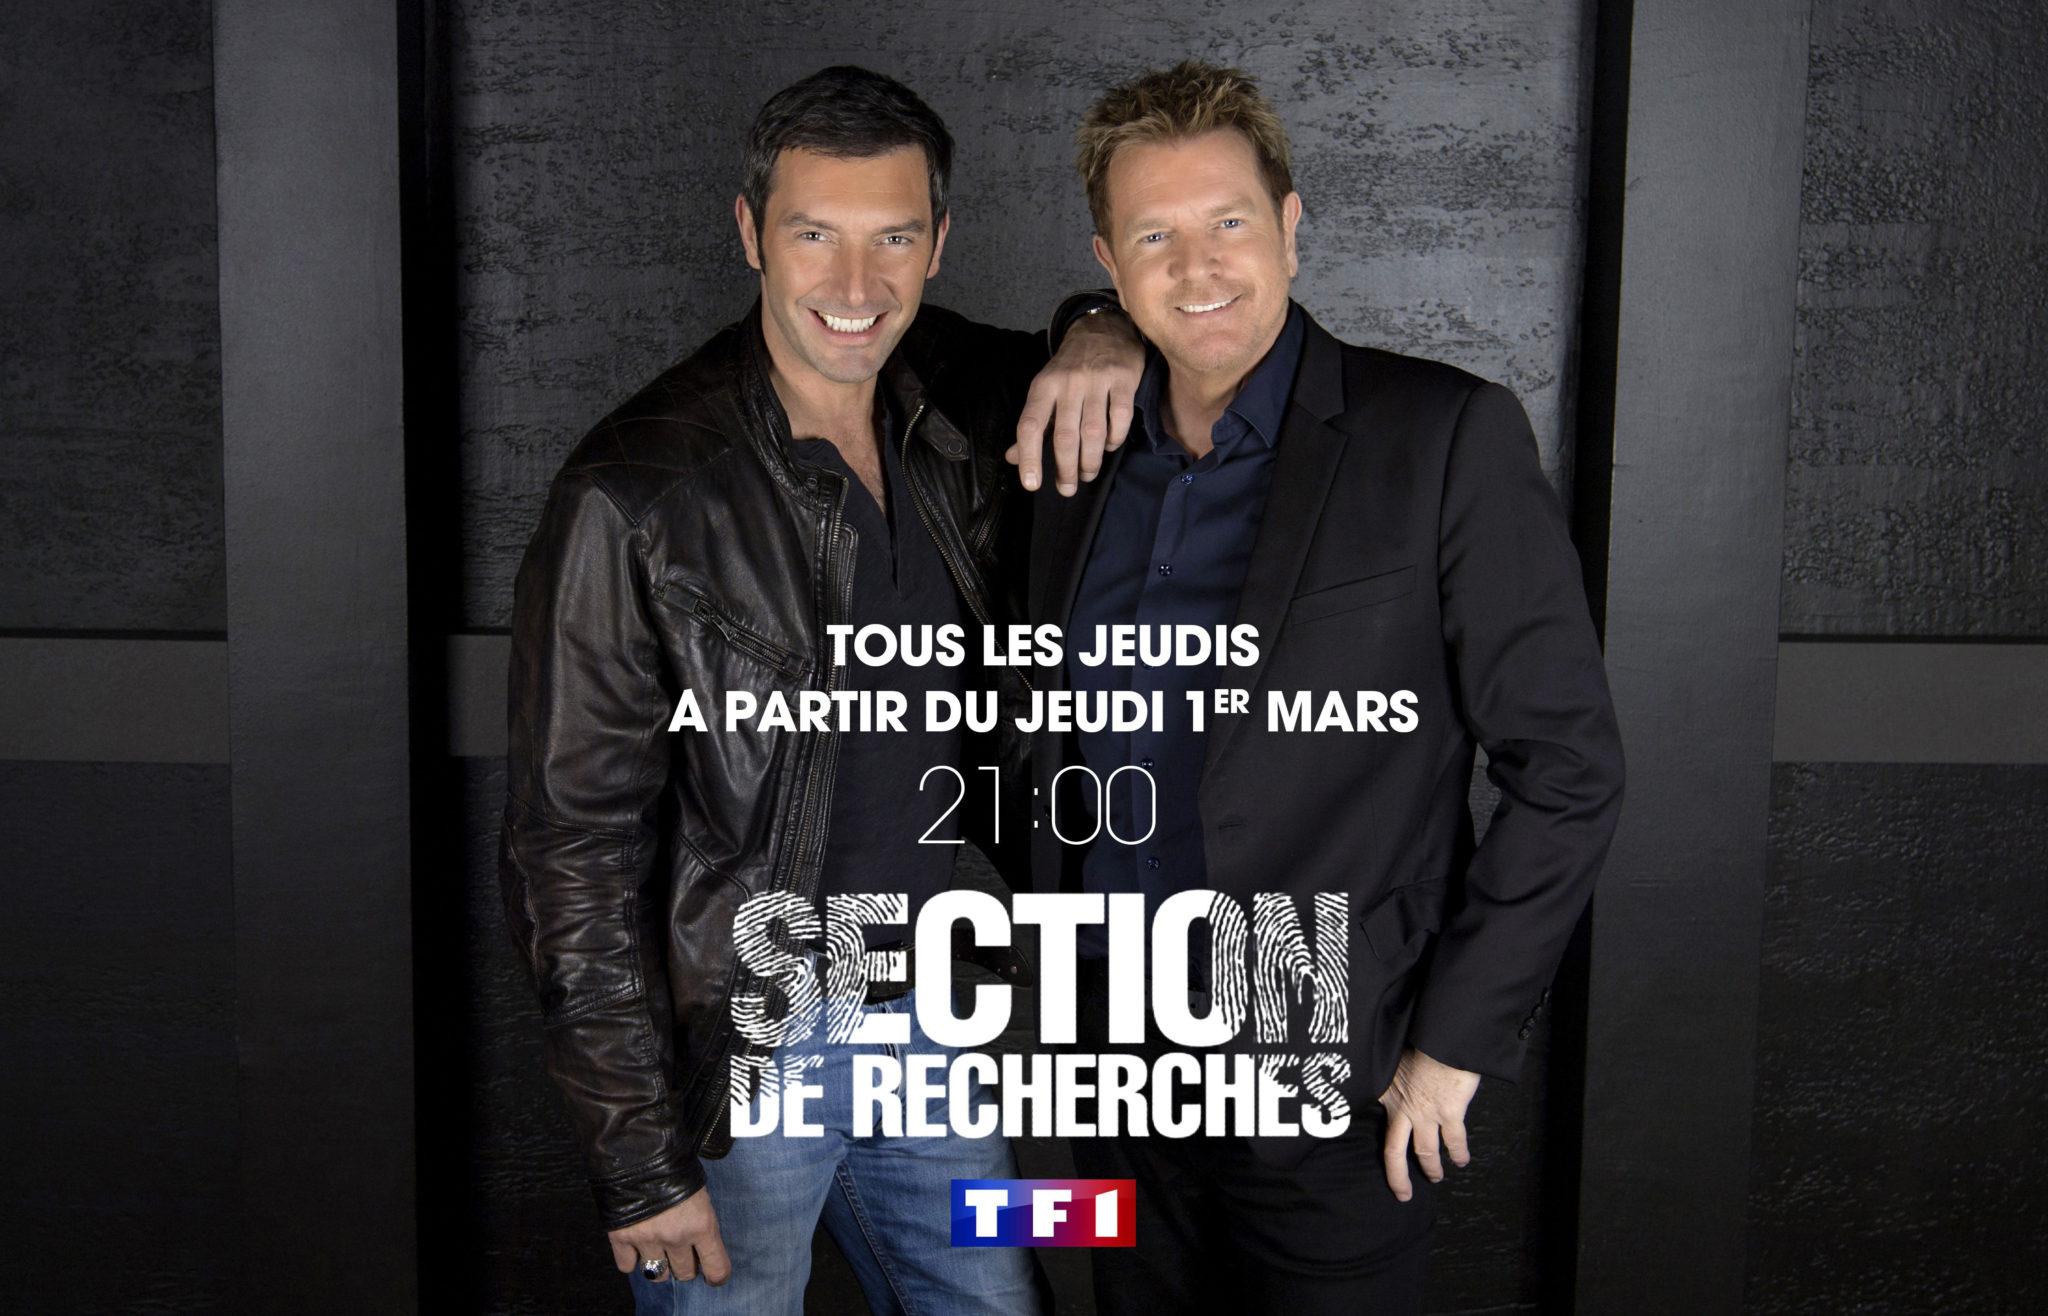 SECTION DE RECHERCHES SAISON 12 affiche